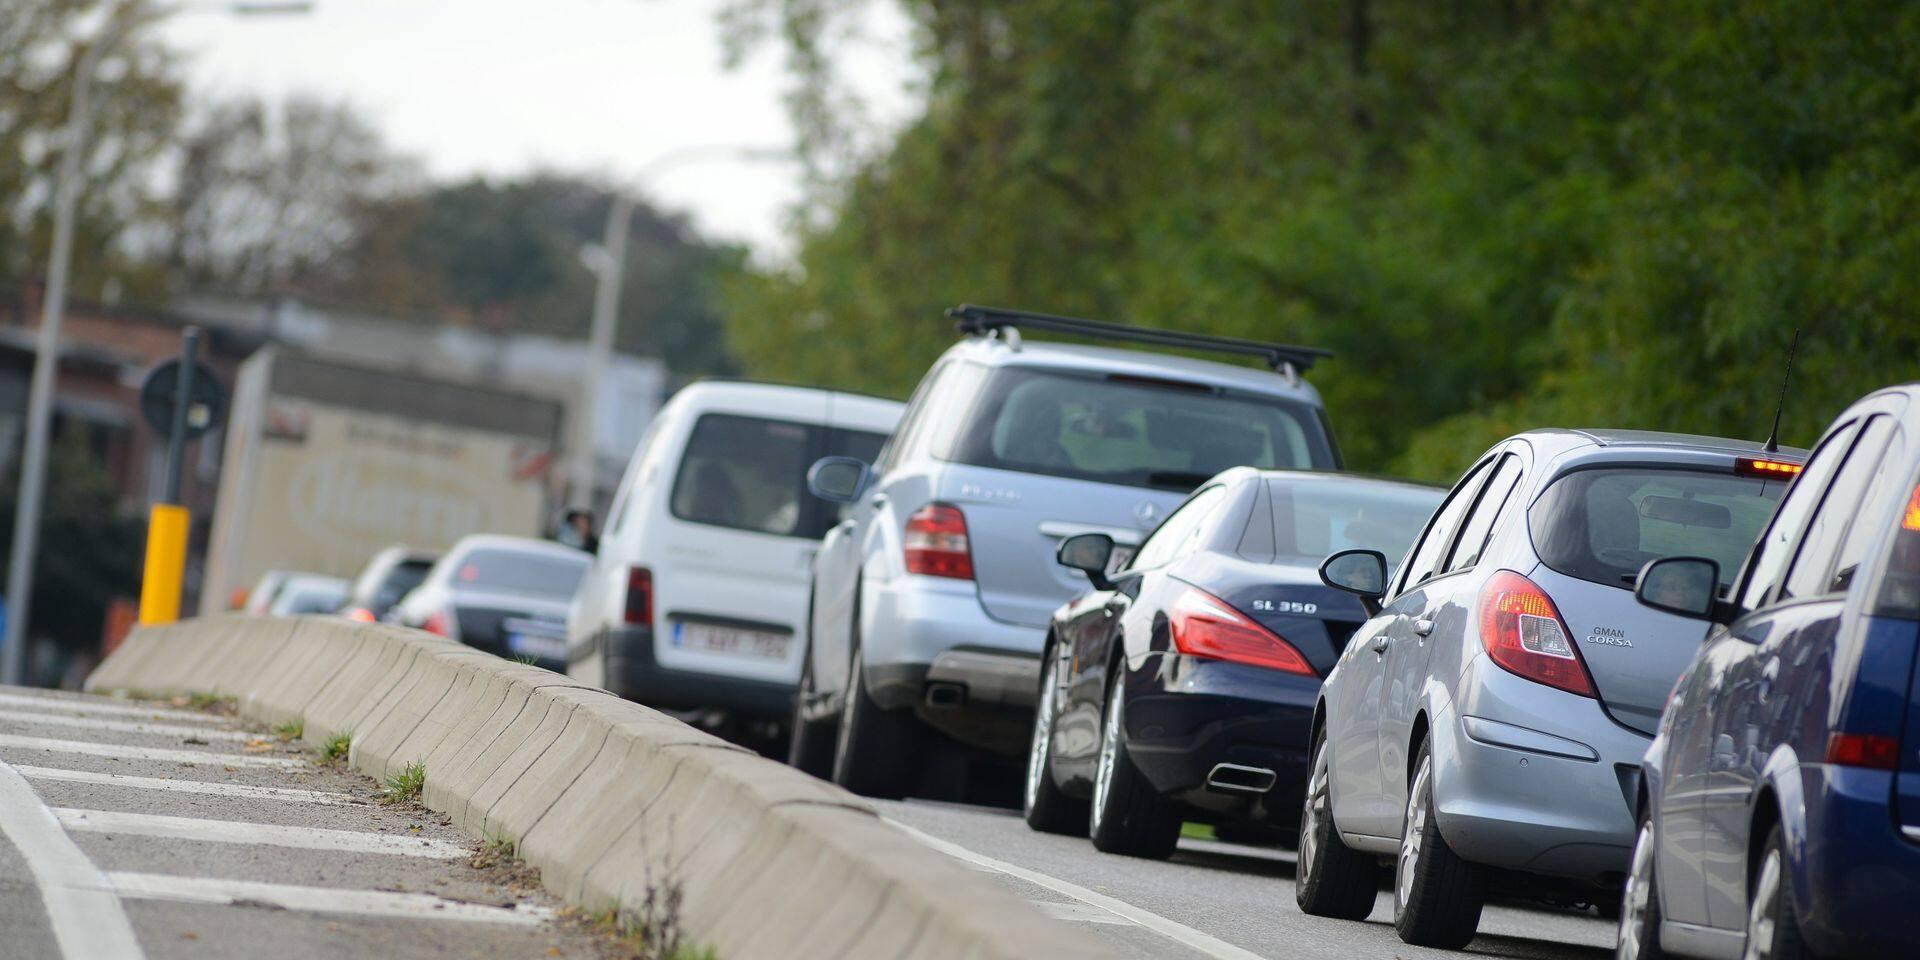 Un accident dans le tunnel Trône perturbe fortement le trafic à Bruxelles